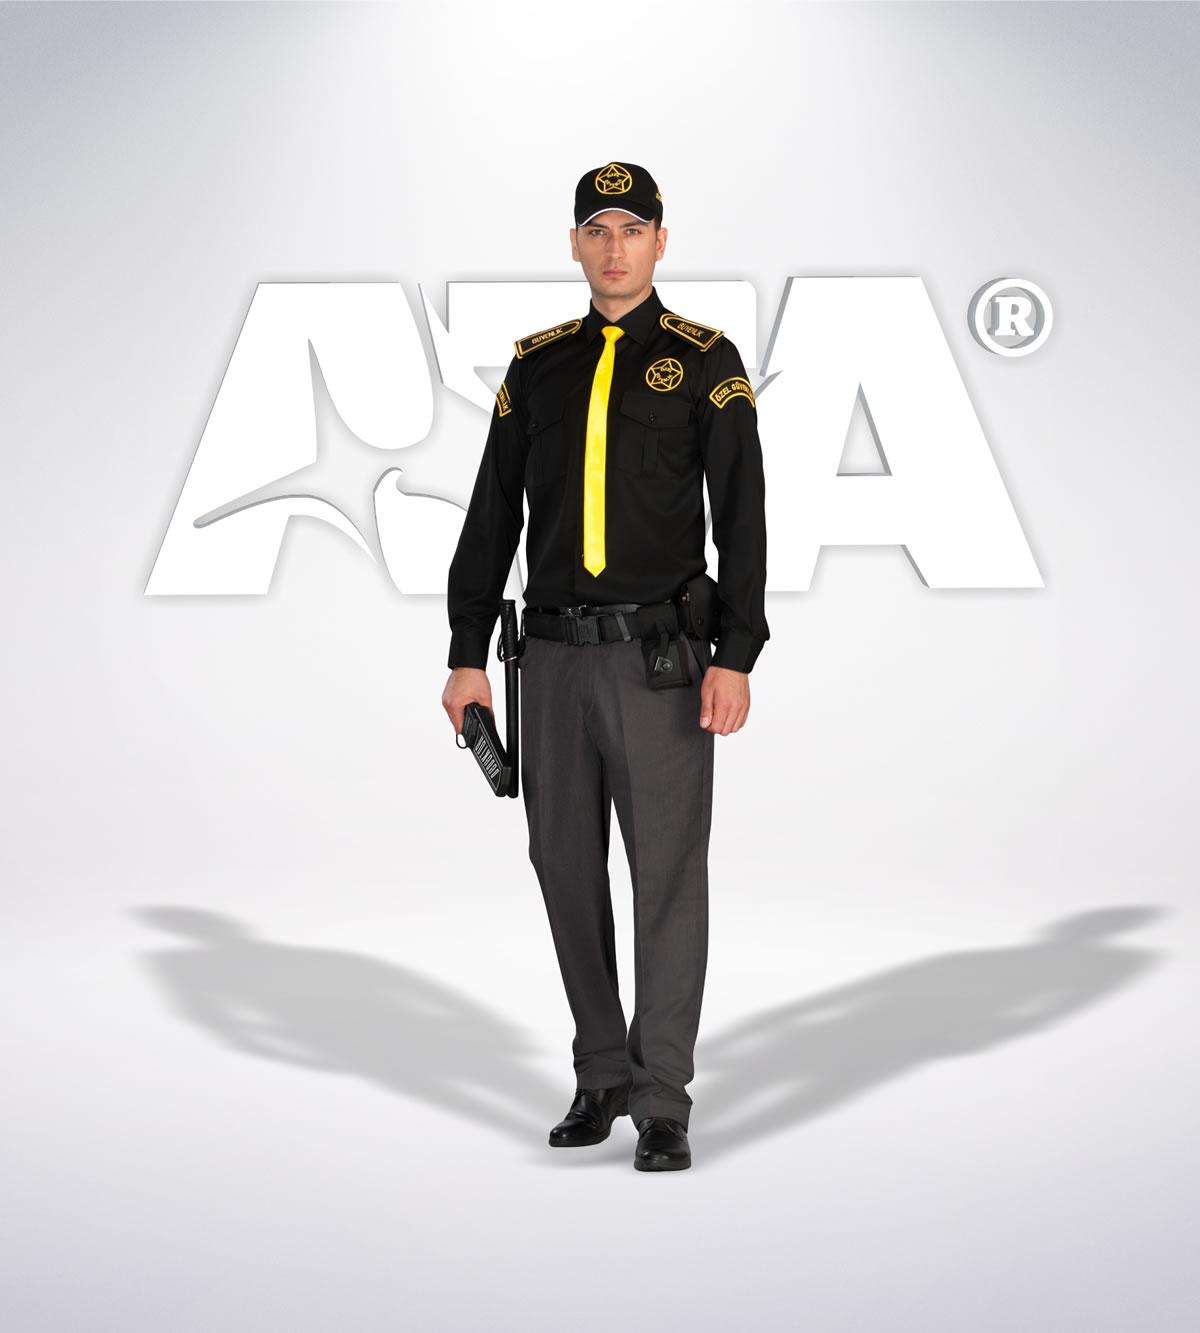 ATA 130 - Pantolon yazlık - gömlek yazlık-kışlık - aksesuar - güvenlik elbiseleri | güvenlik üniformaları | güvenlik kıyafetleri